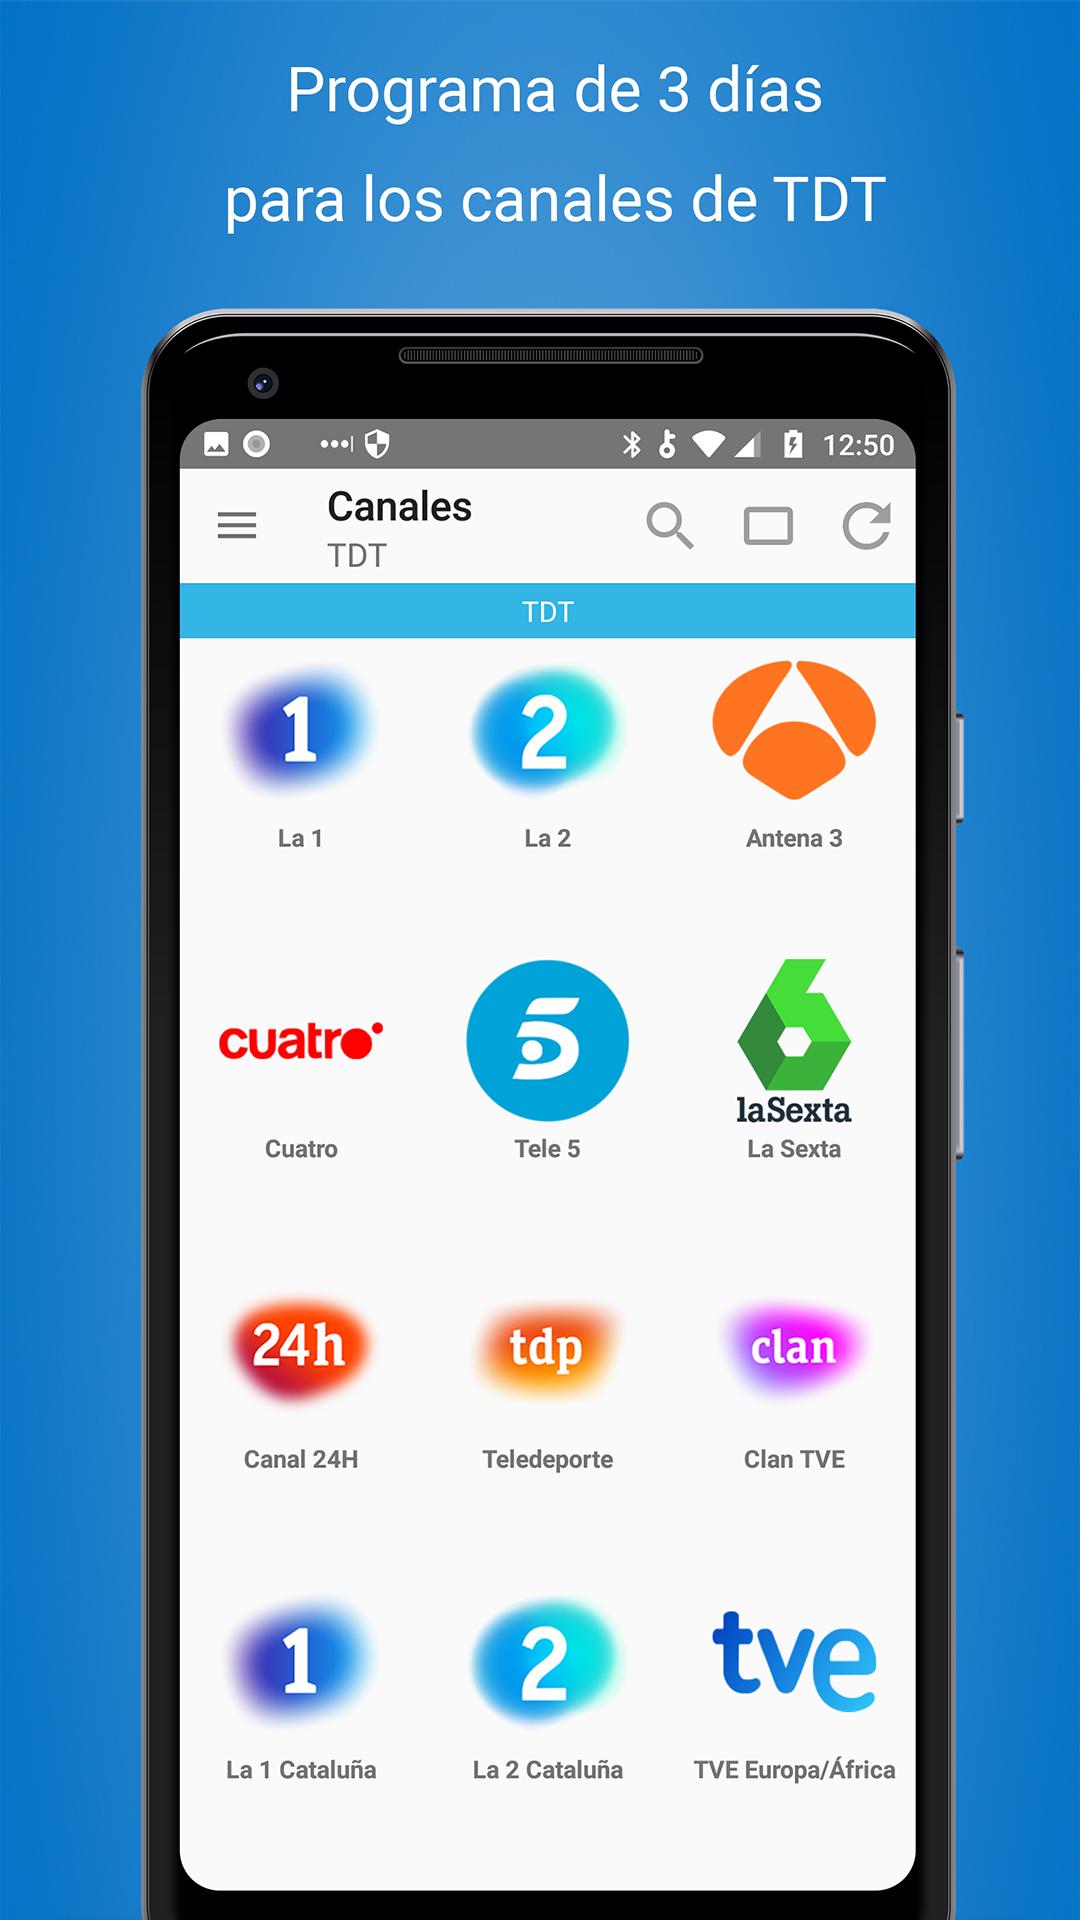 Programación TV España - Cisana TV+: Amazon.es: Appstore para ...